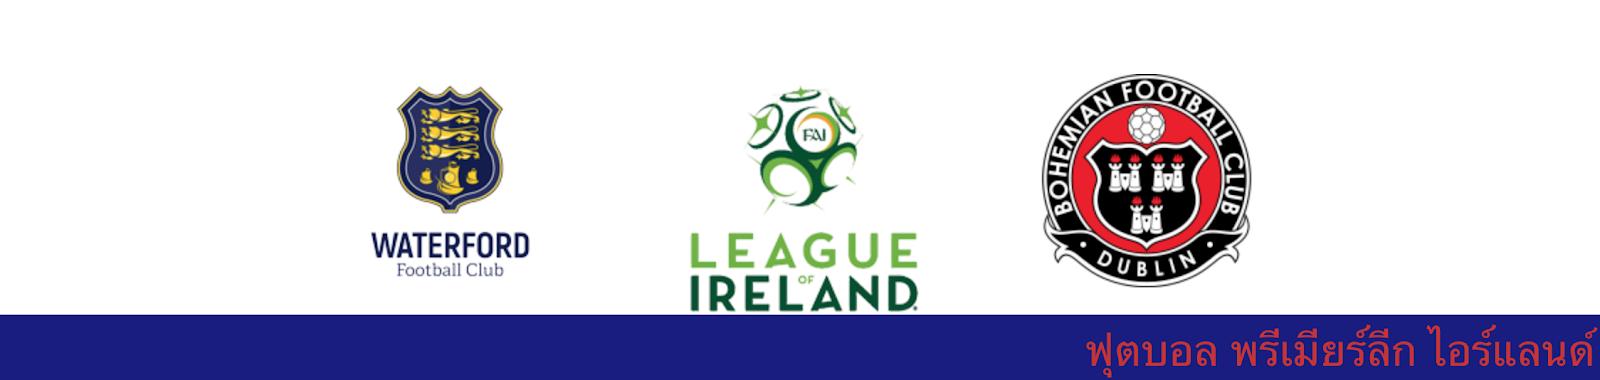 ผลบอล วิเคราะห์บอล ไอร์แลนด์ พรีเมียร์ลีก วอเตอร์ฟอร์ด vs โบฮีเมี่ยนส์